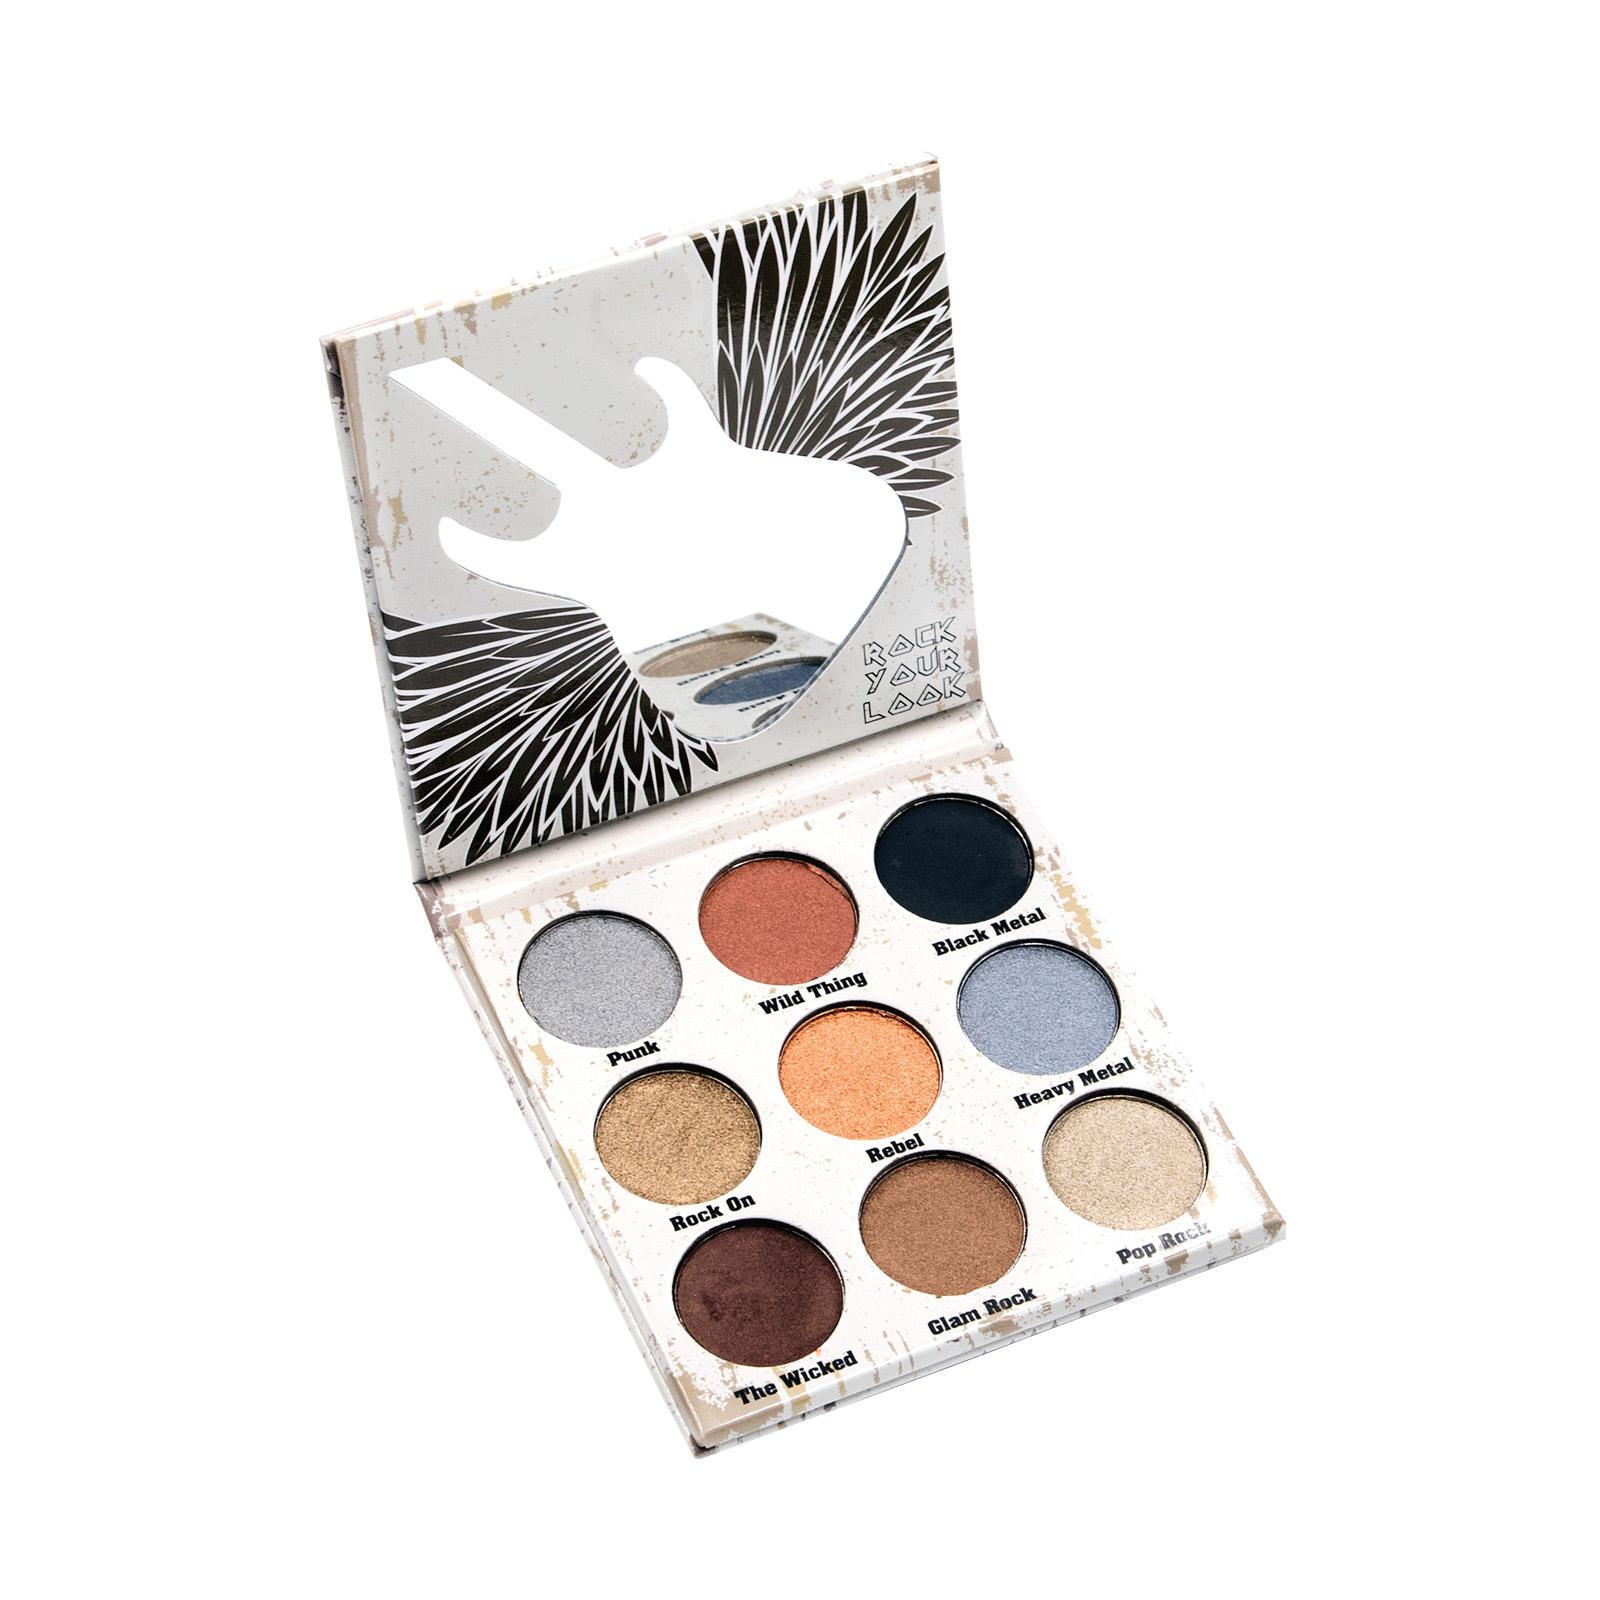 Crown Glam Metals Eyeshadow Palette